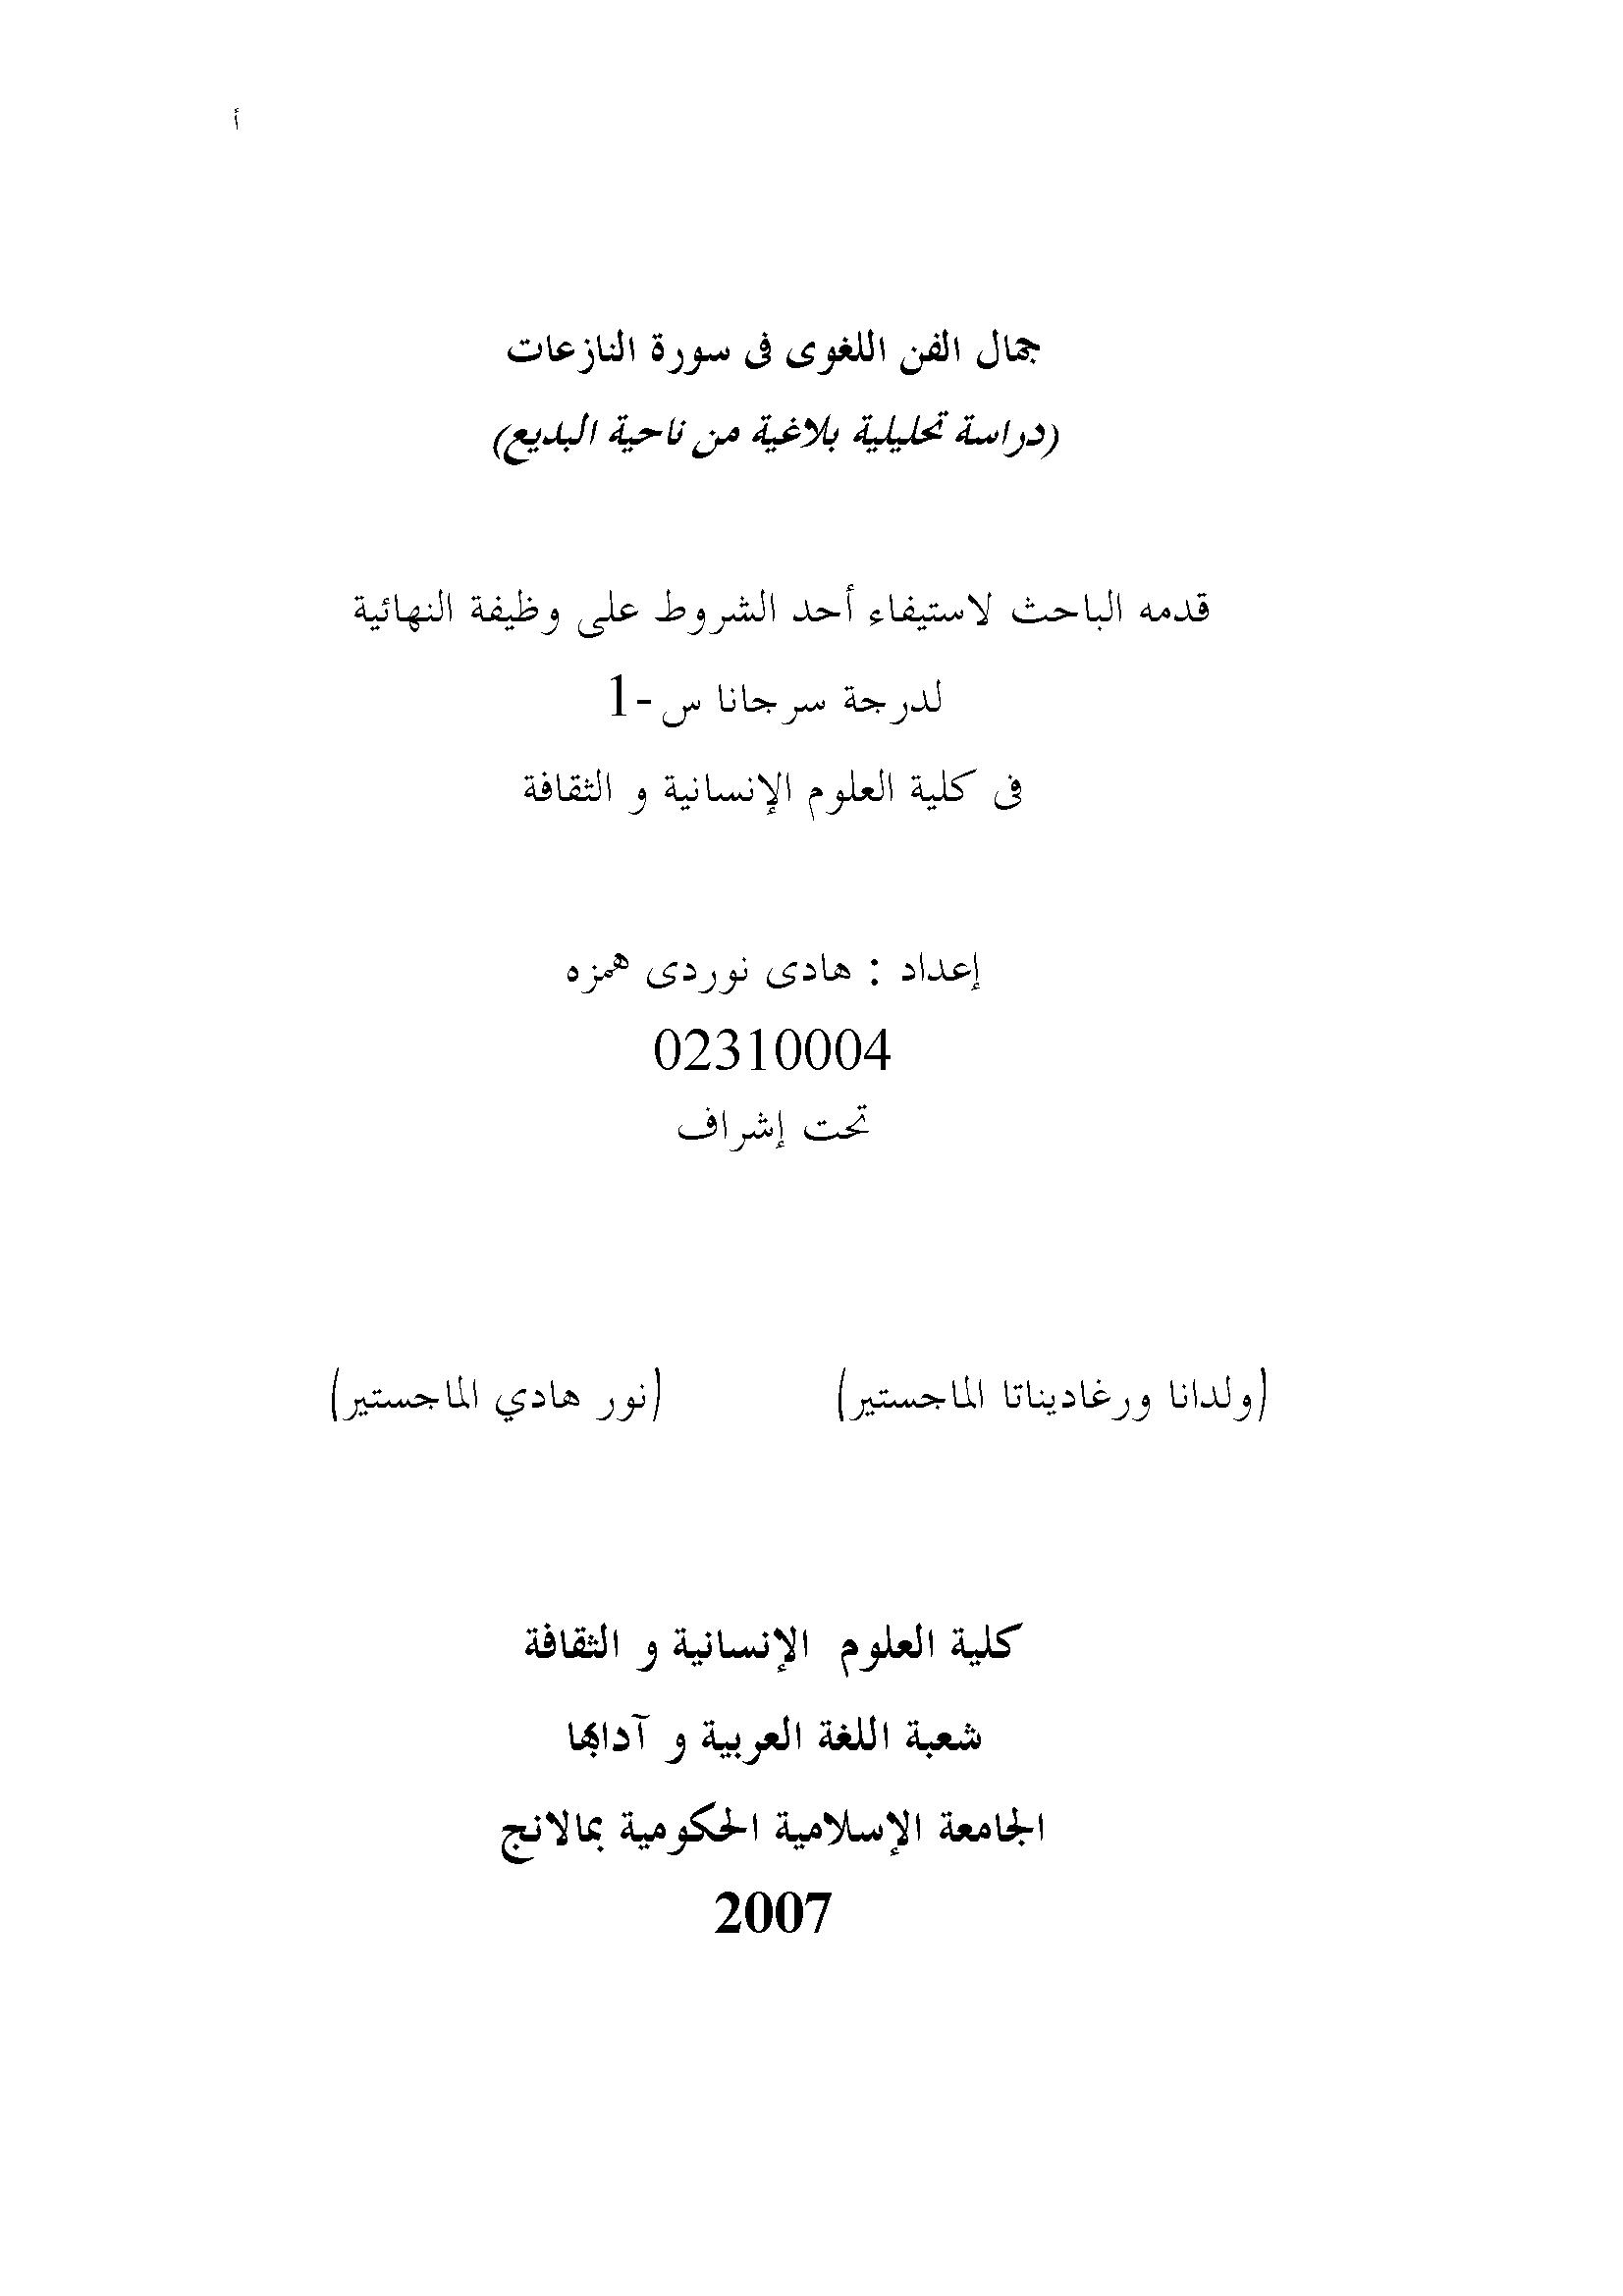 تحميل كتاب جمال الفن اللغوي في سورة النازعات (دراسة تحليلية بلاغية من ناحية البديع) لـِ: هادي نوردي همزة